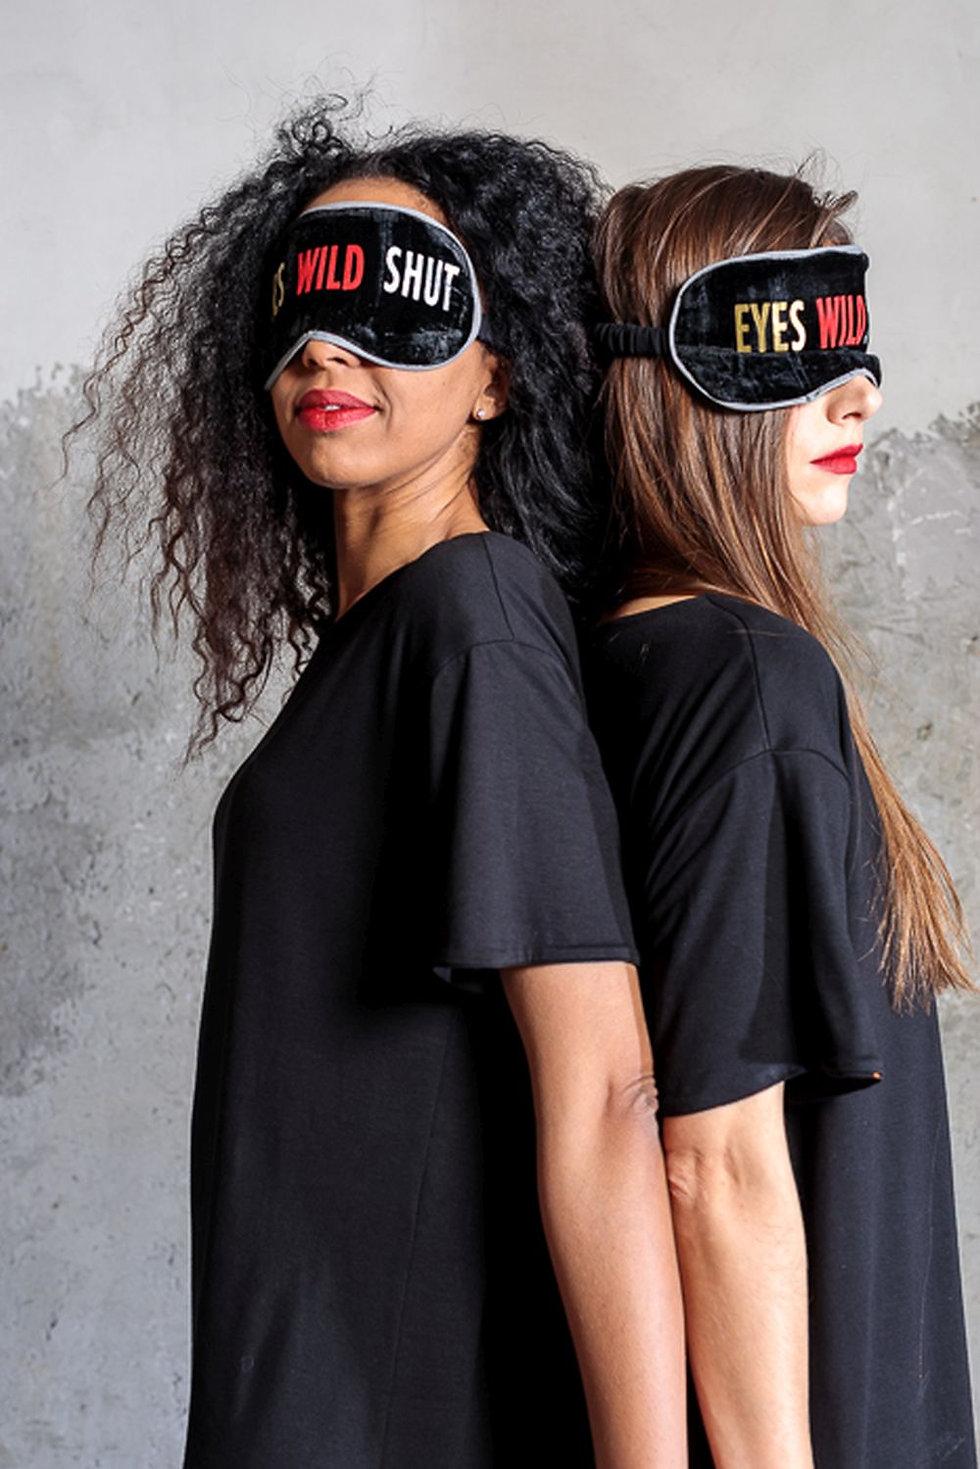 EyesWildShut Mask